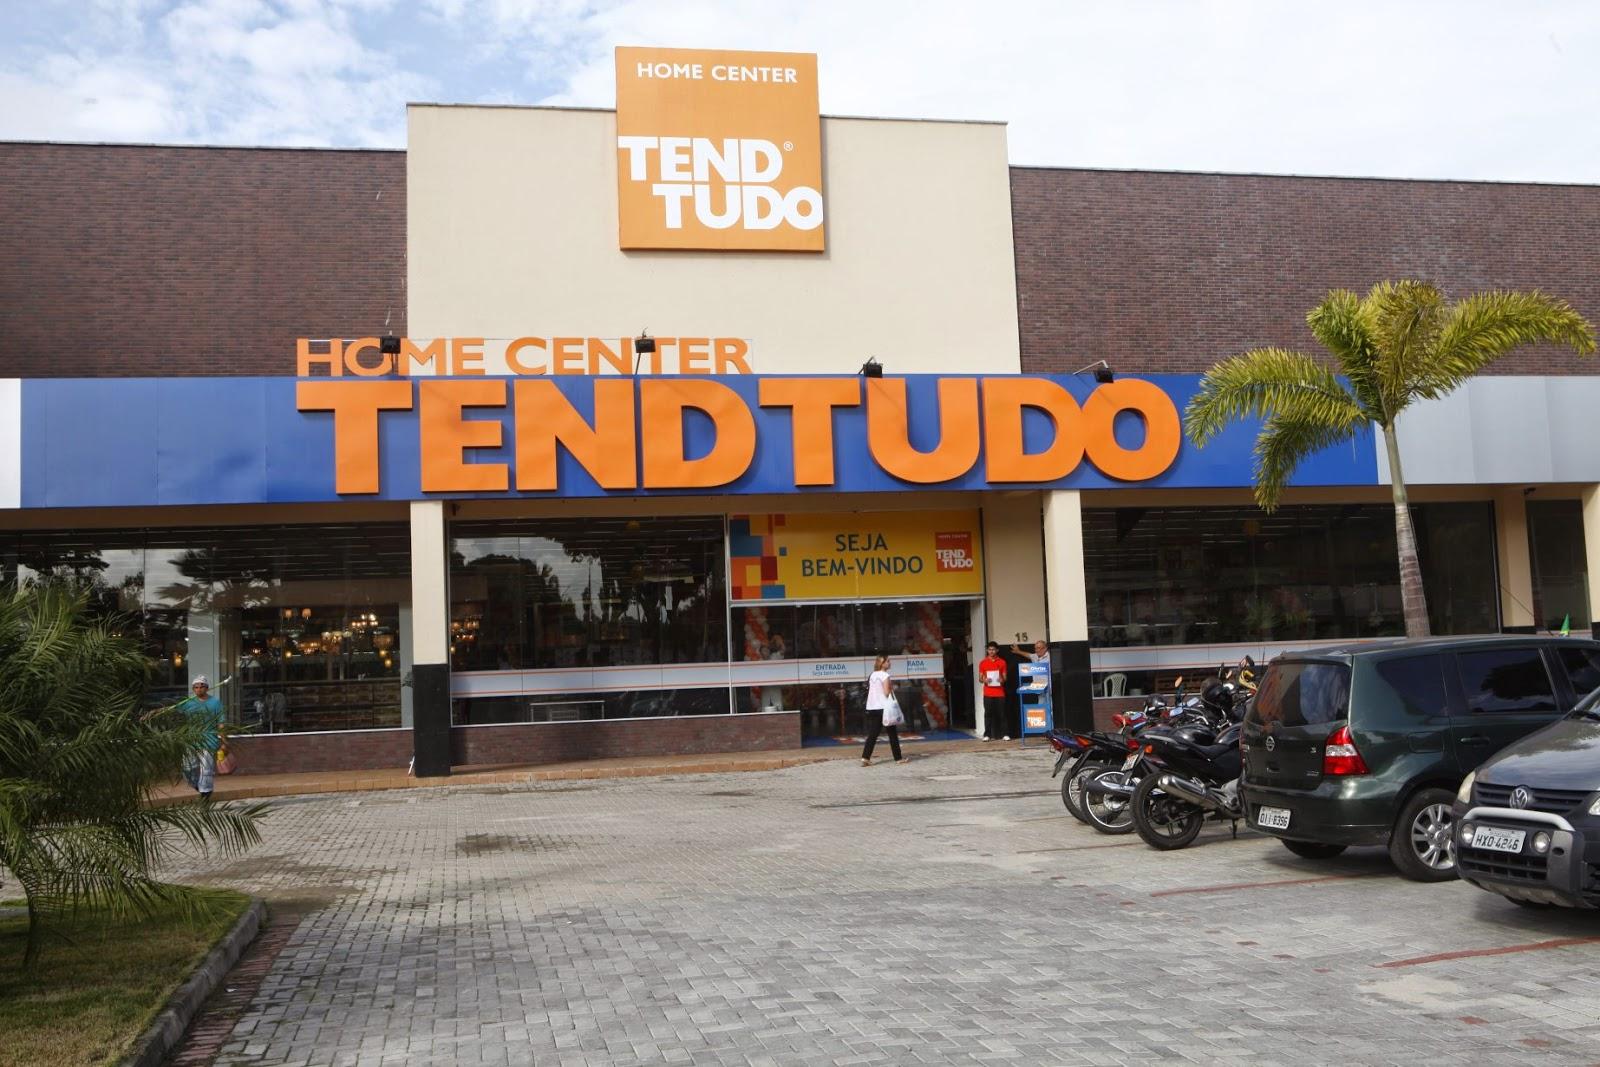 8ce6ccdae15 A TendTudo Fortaleza acaba de receber o Prêmio GPTW (Great Place to Work)   as duas lojas e o centro de distribuição da região foram reconhecidos entre  as ...